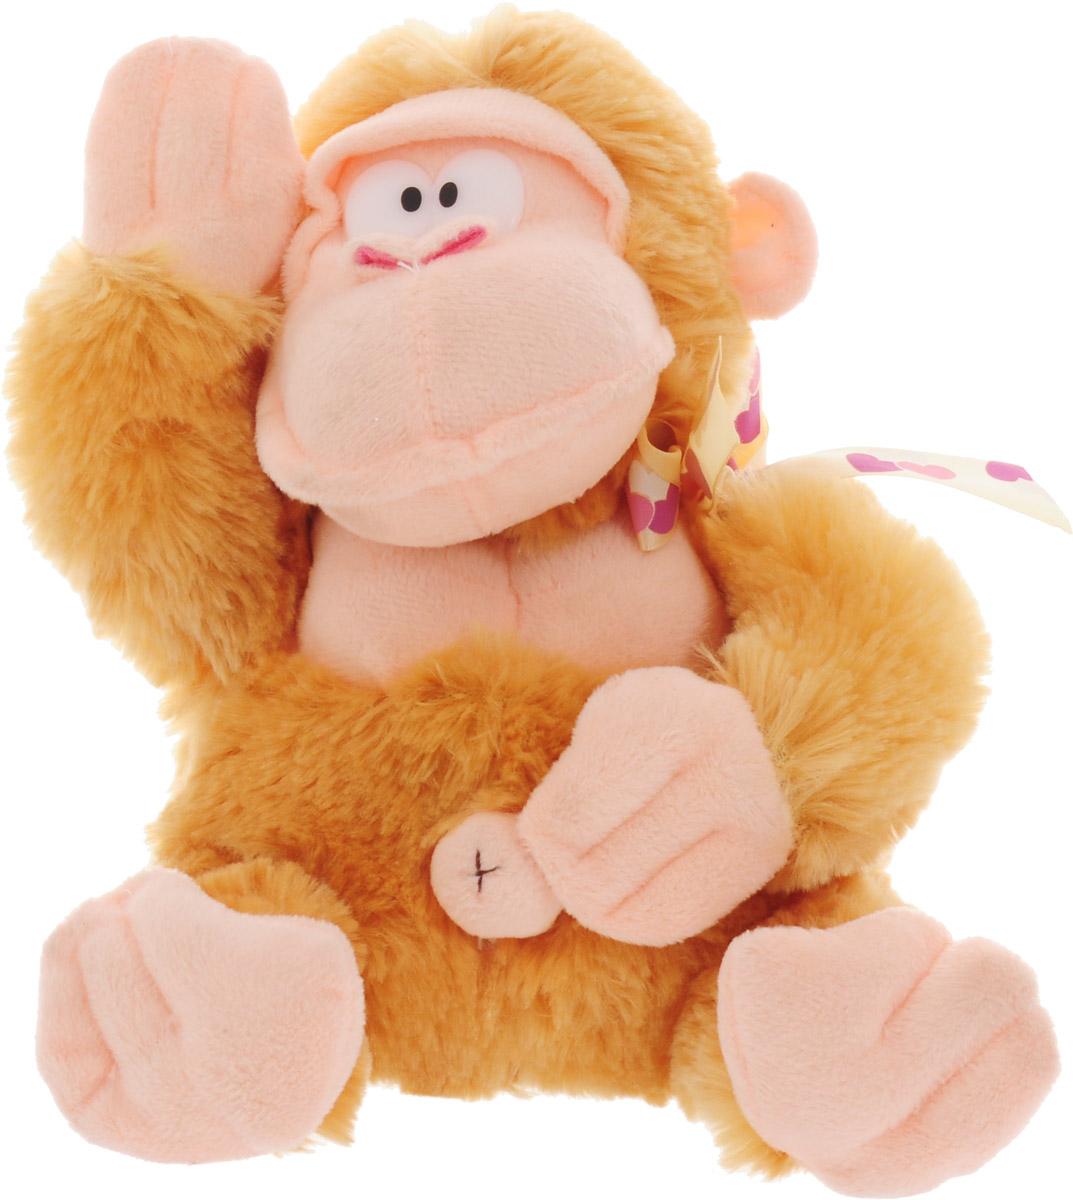 Magic Bear Toys Мягкая игрушка Обезьяна Федот цвет светло-коричневый 20 см